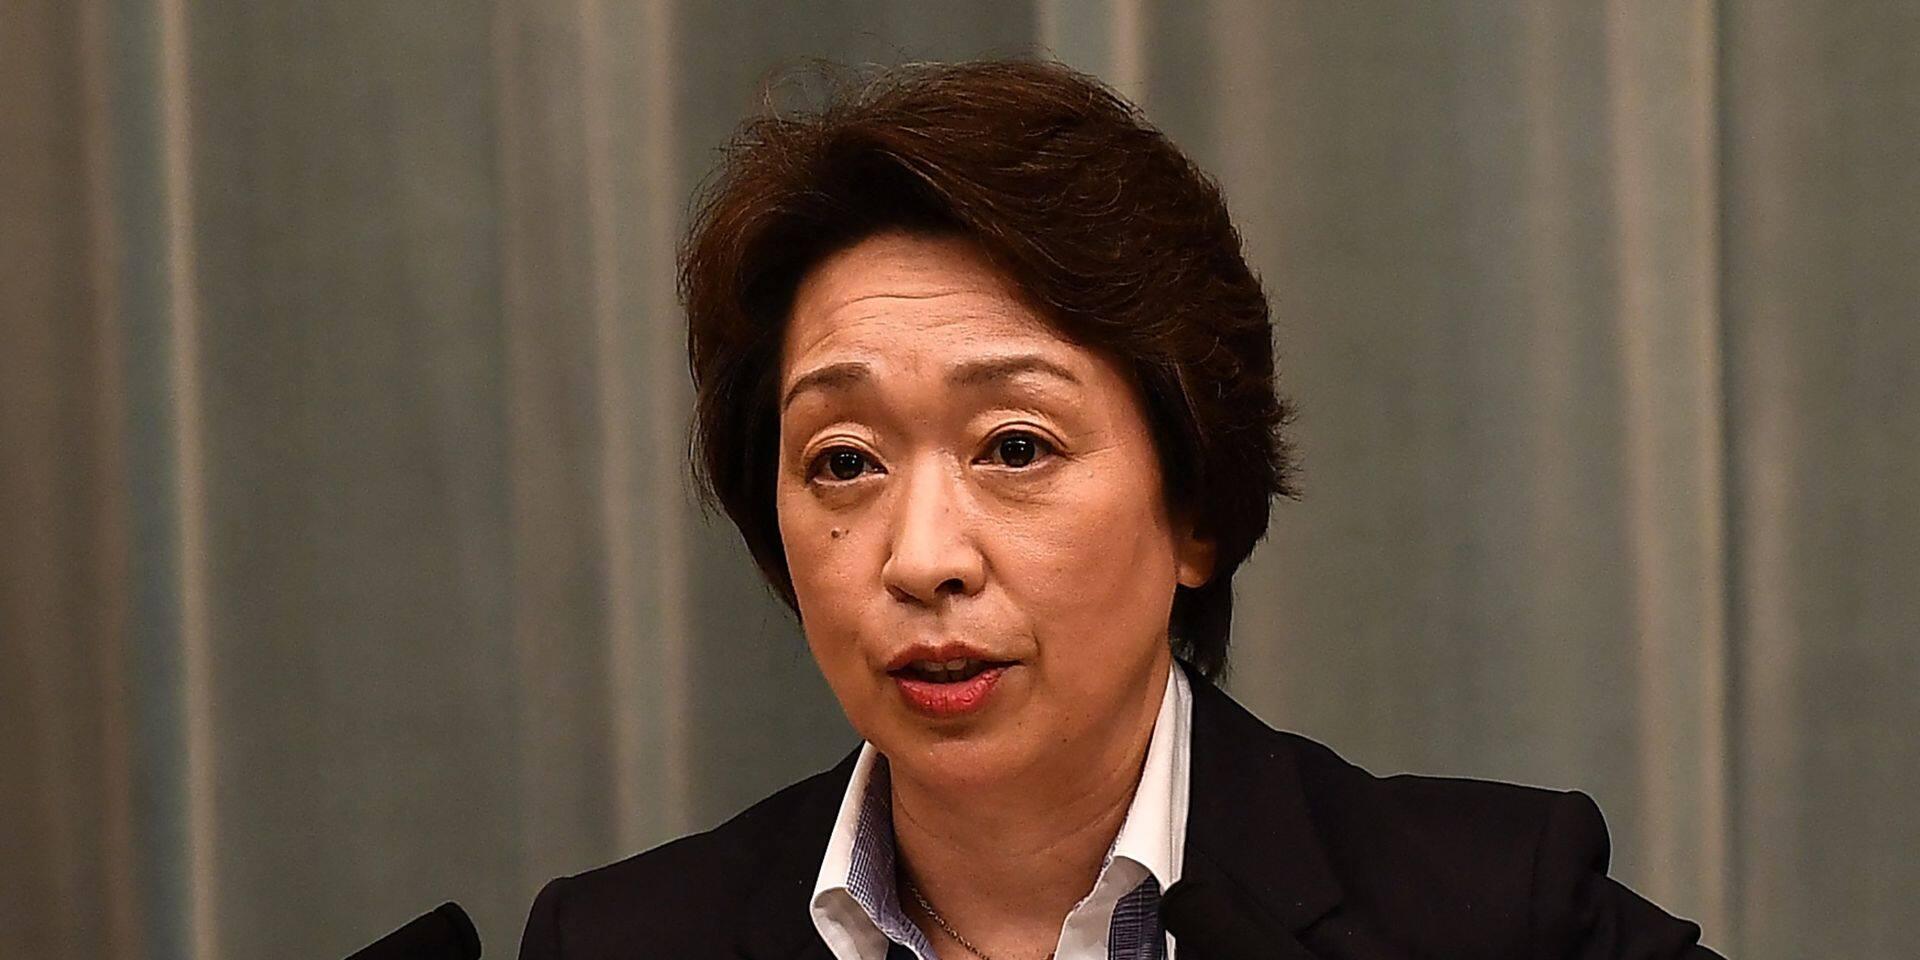 La ministre des JO Seiko Hashimoto nommée présidente des Jeux de Tokyo après un scandale sexiste